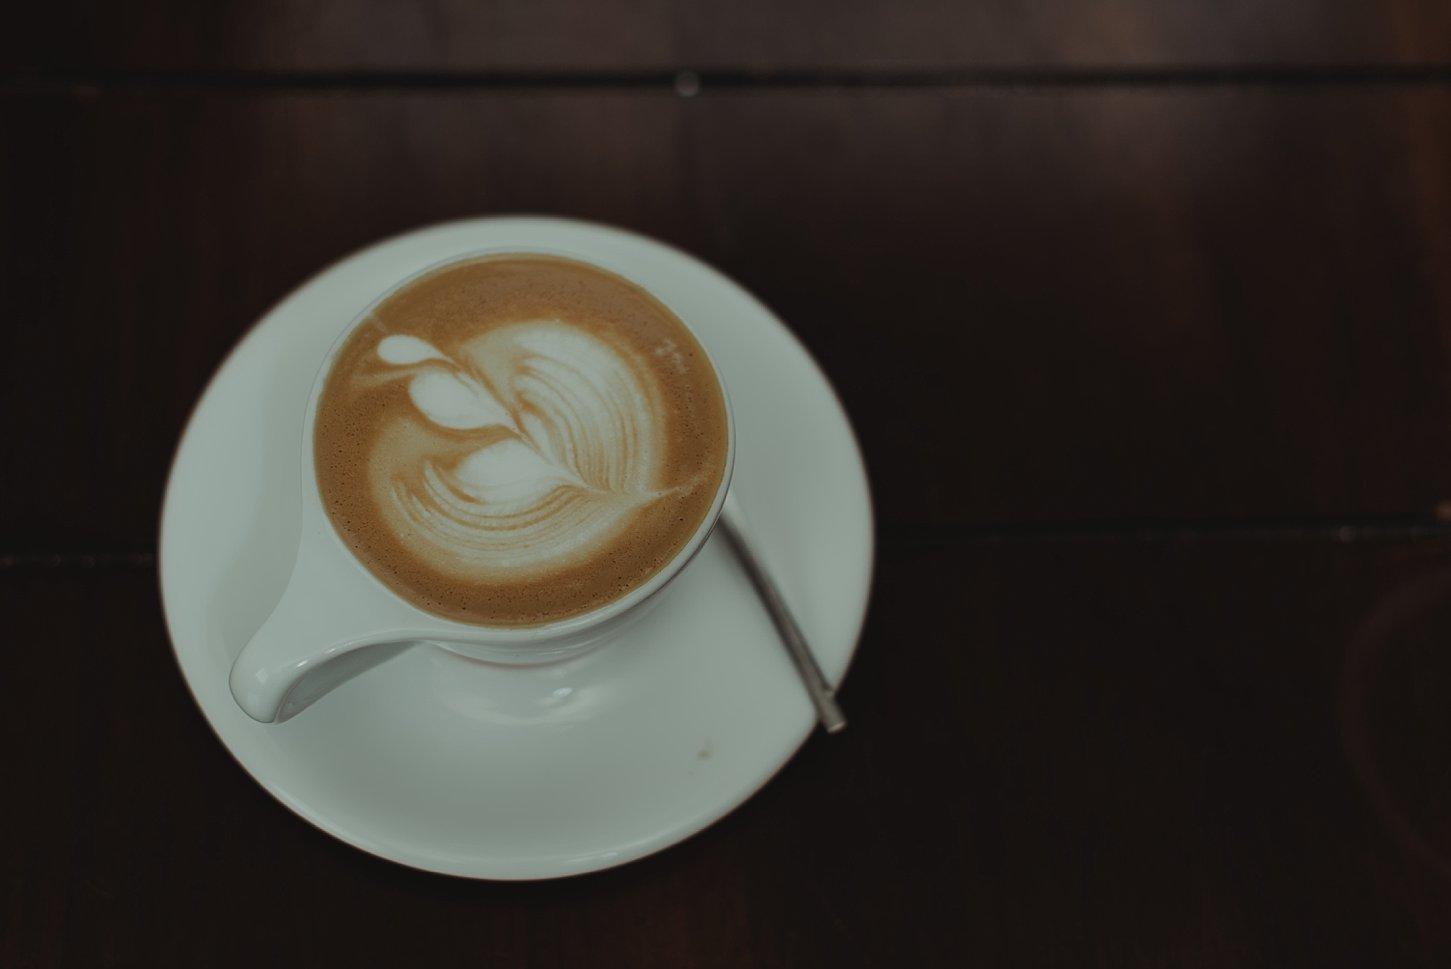 seth's coffee